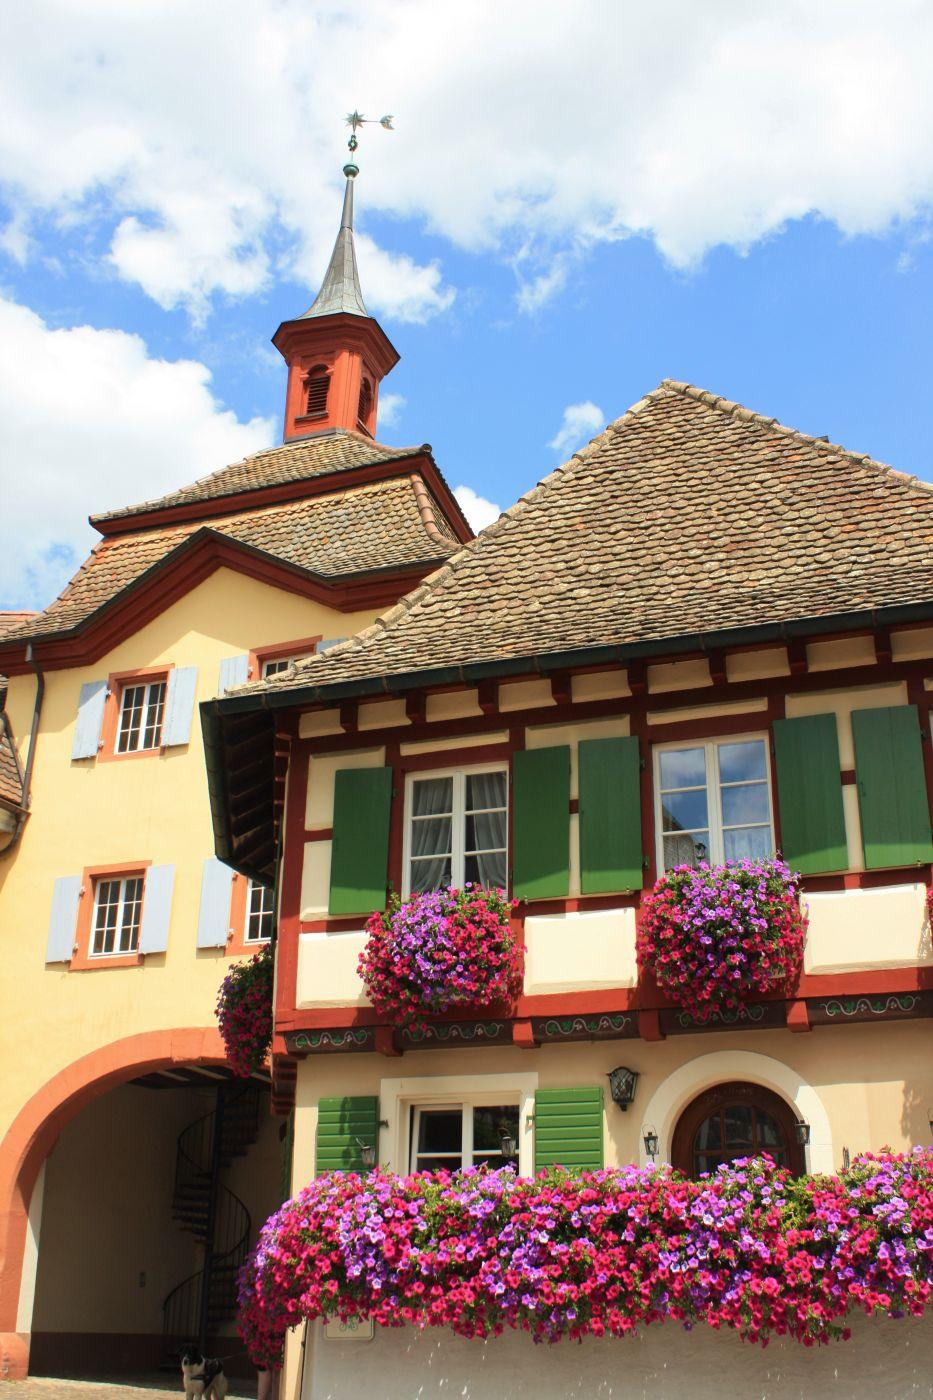 Burkheim, Germany